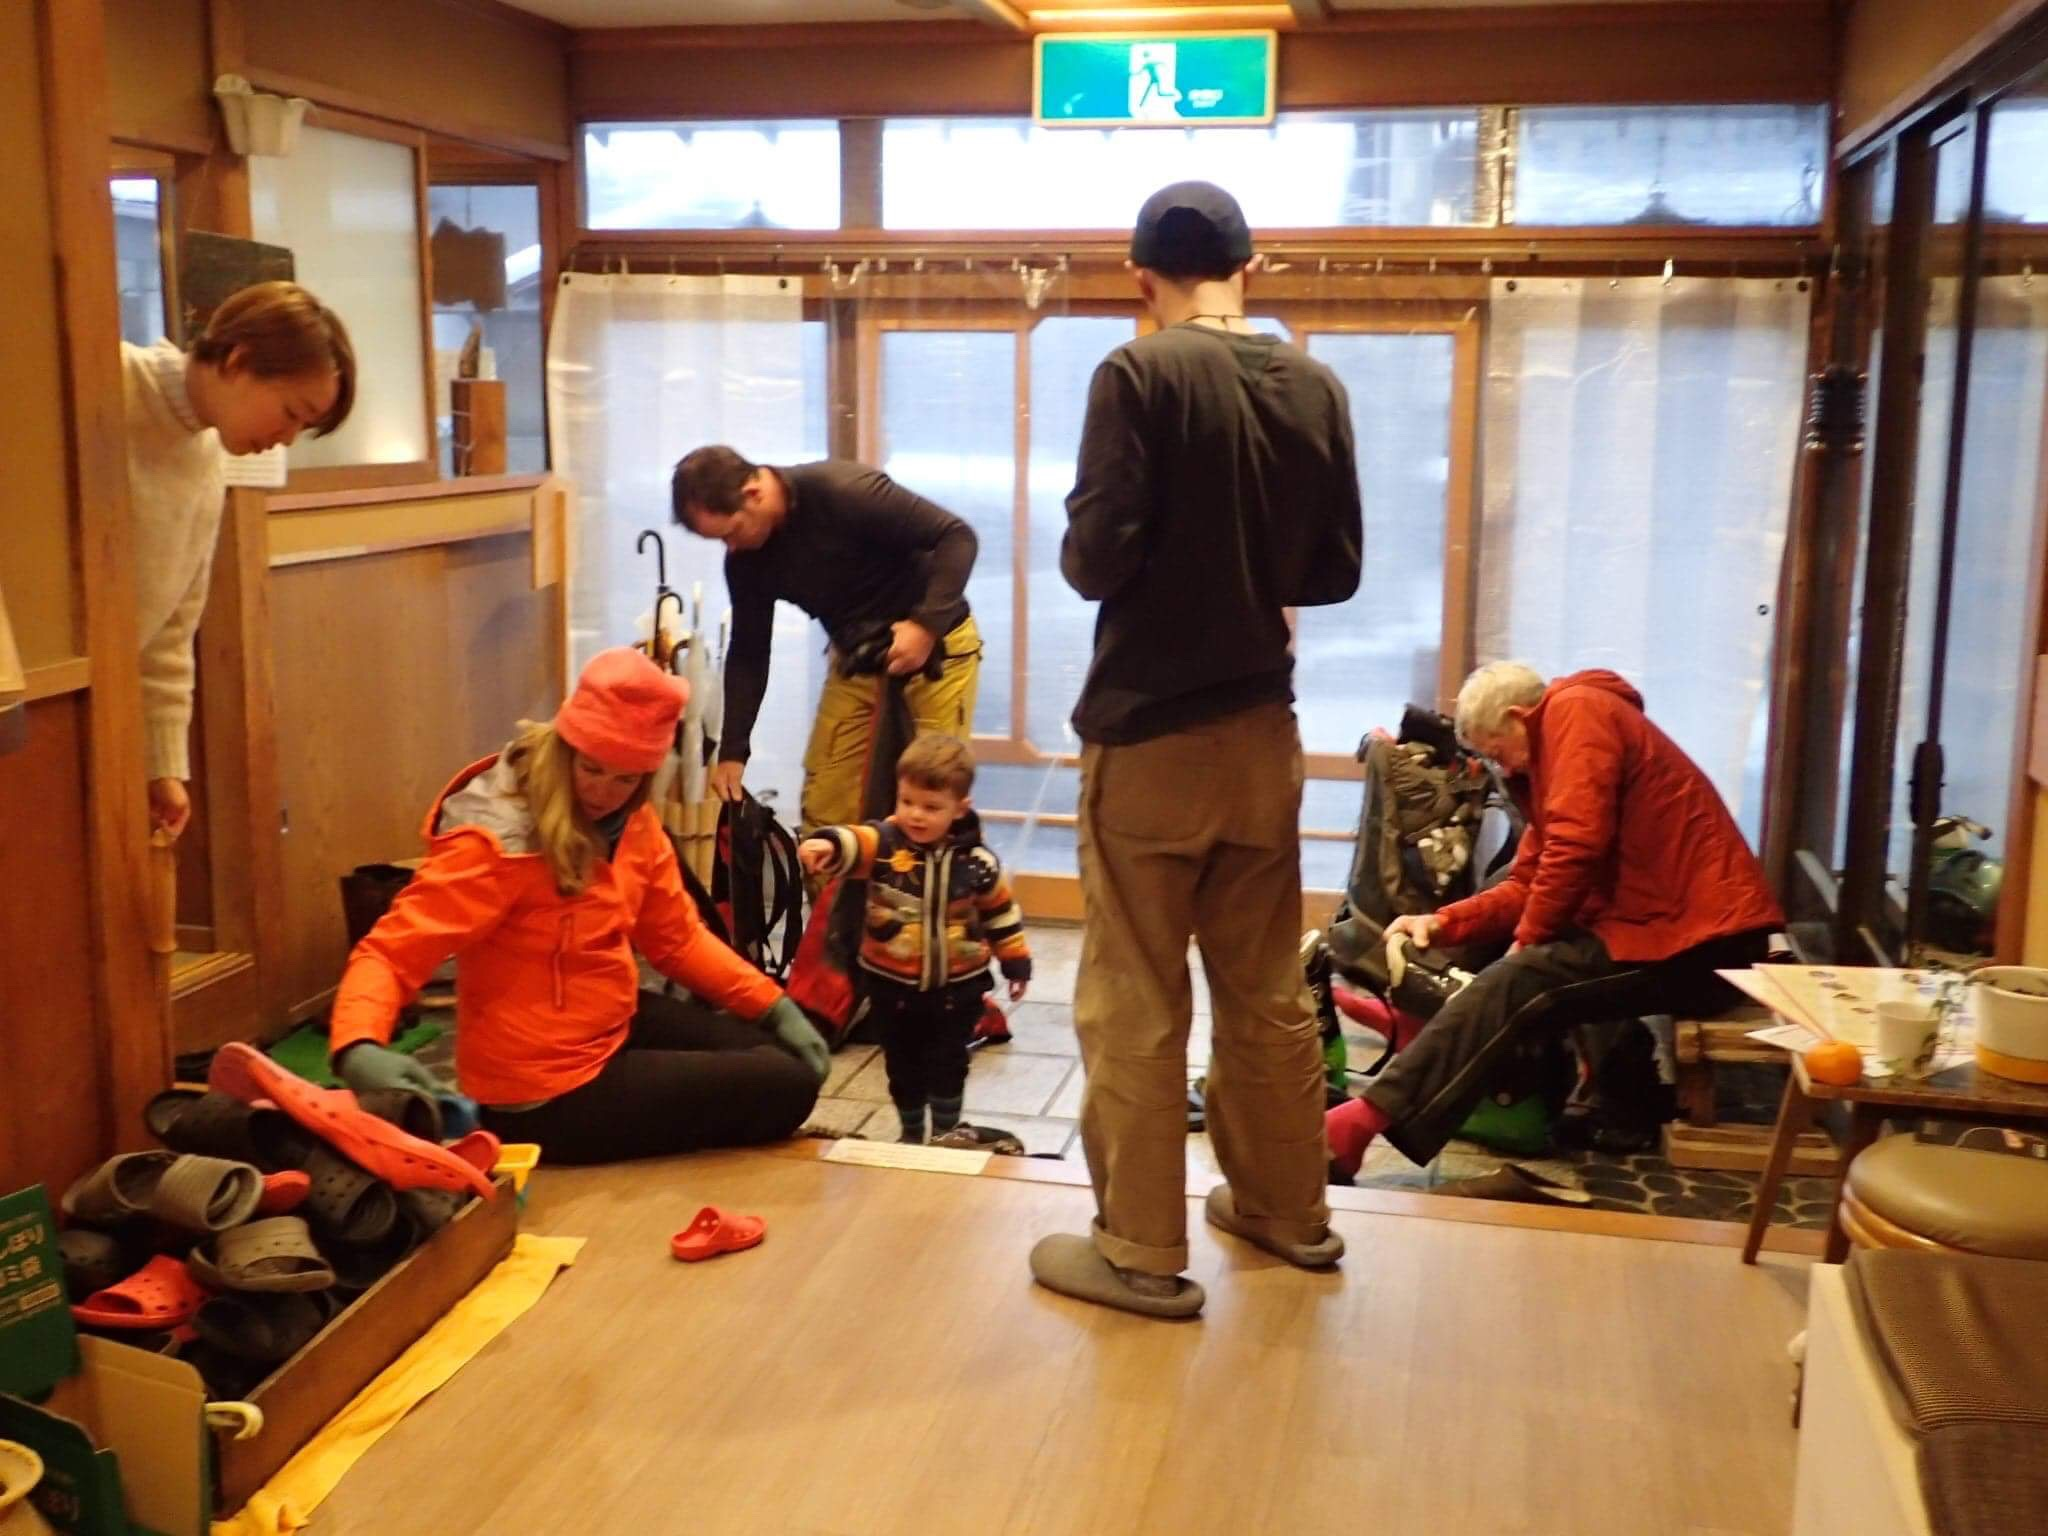 冬場のスキーシーズンの西澤さんのユースホステルは、多くの外国人客が宿泊する=2018年1月、長野県山ノ内町(WAKUWAKUやまのうち提供)